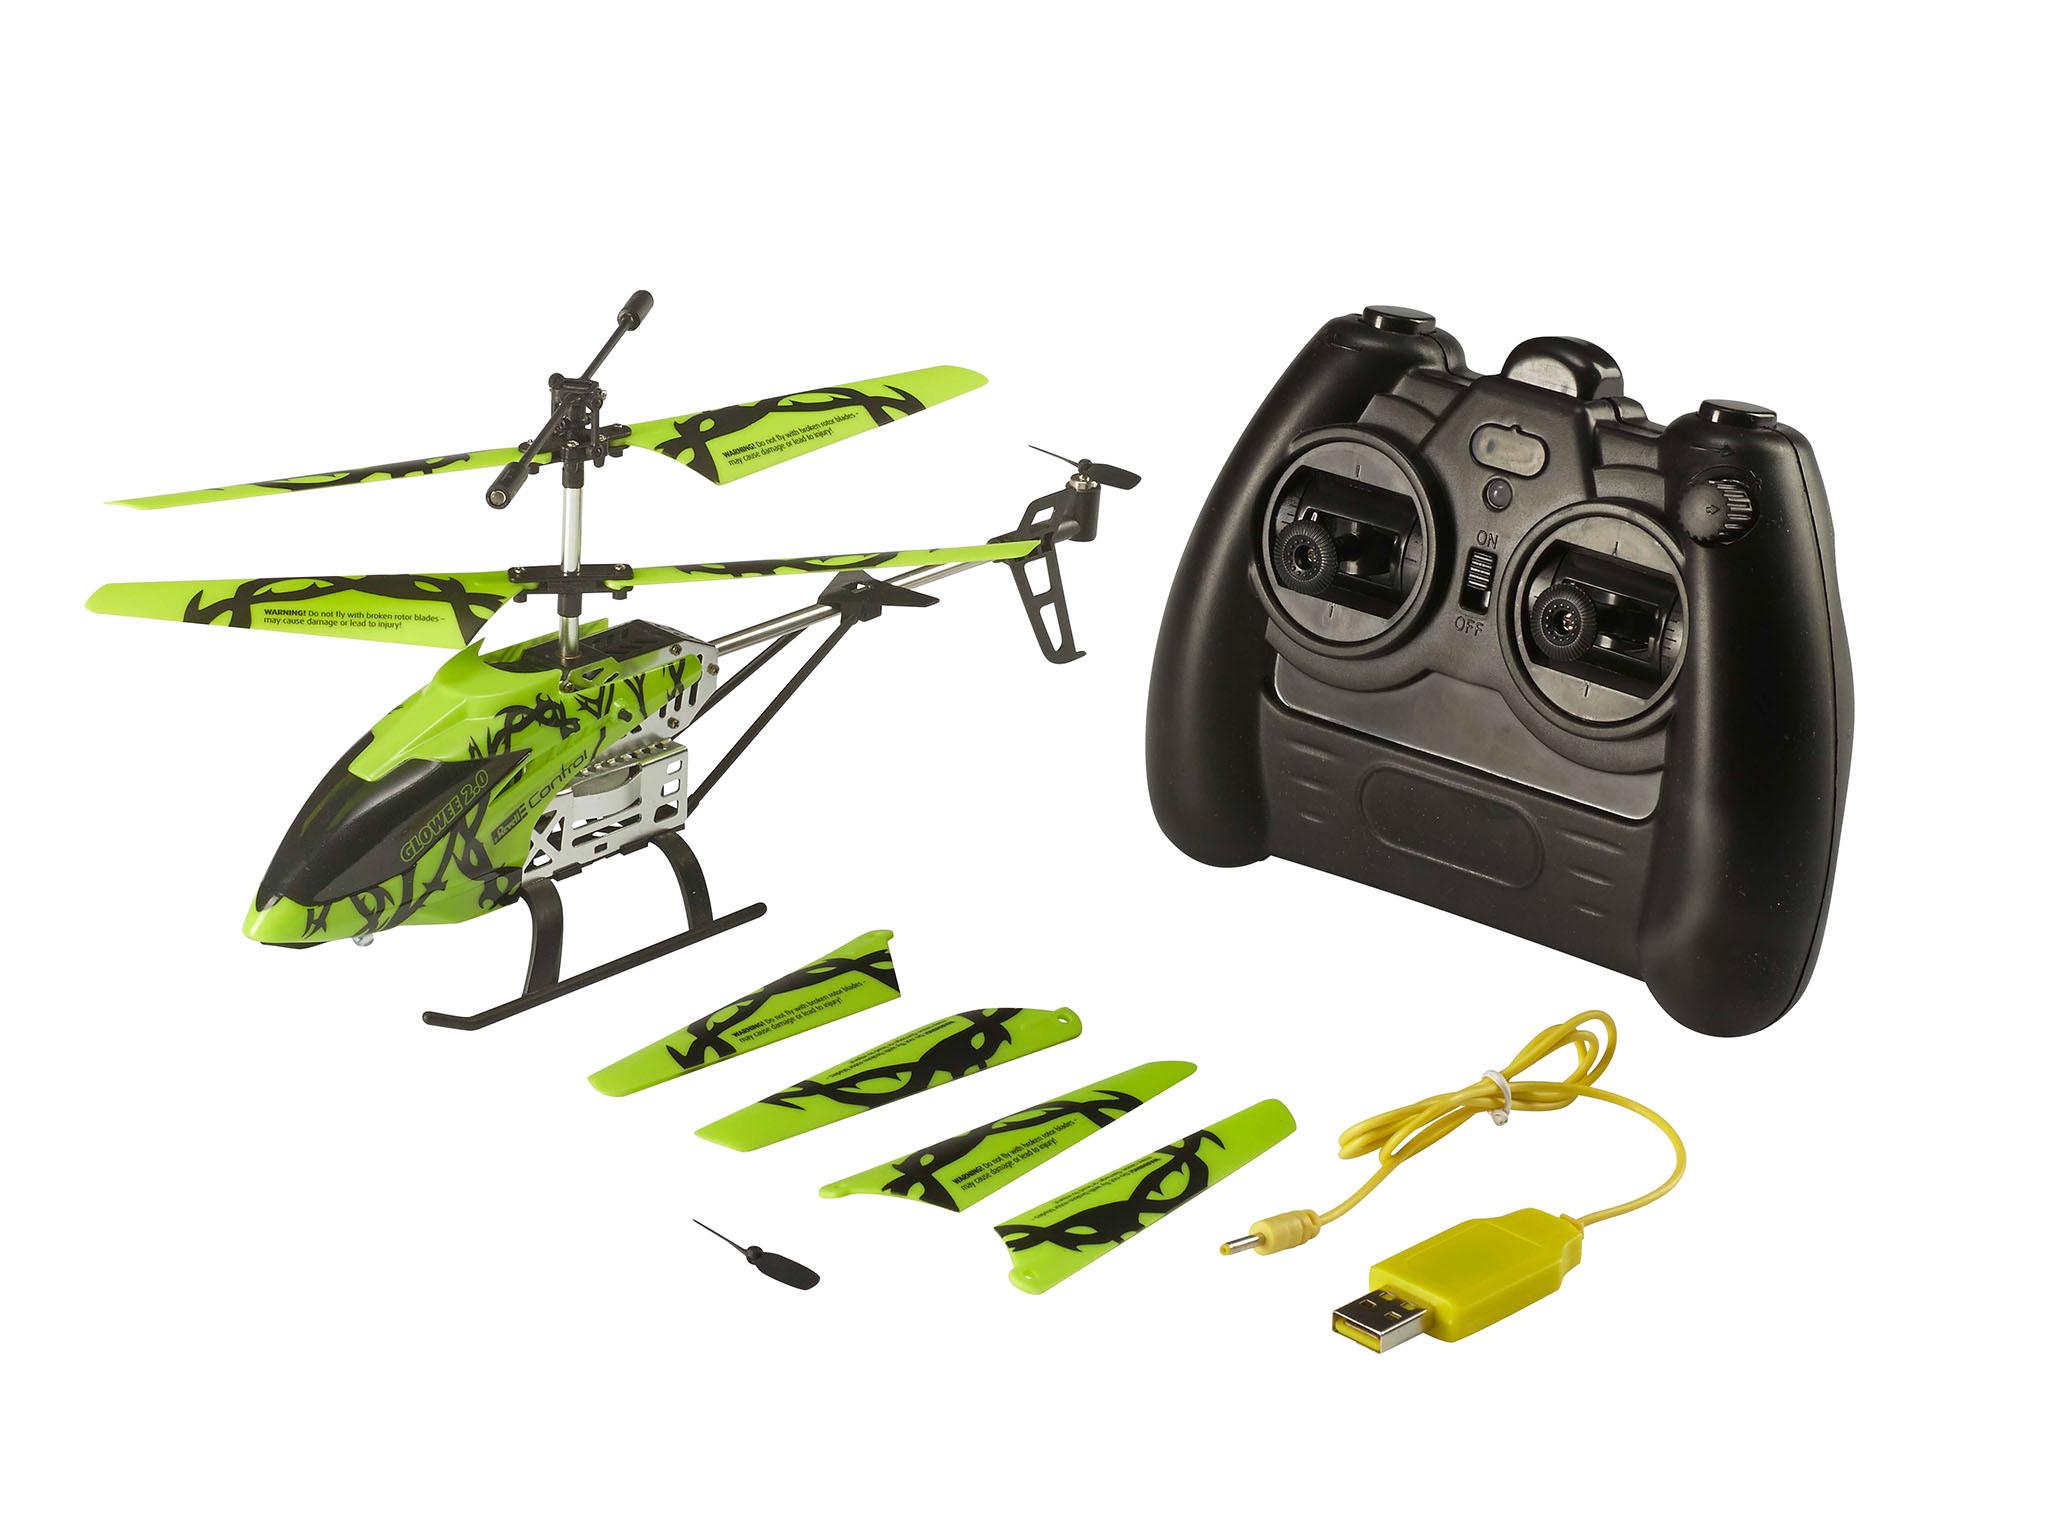 Revell 23940 Helicopter Glowee 2.0 Elektrisches Spielzeug